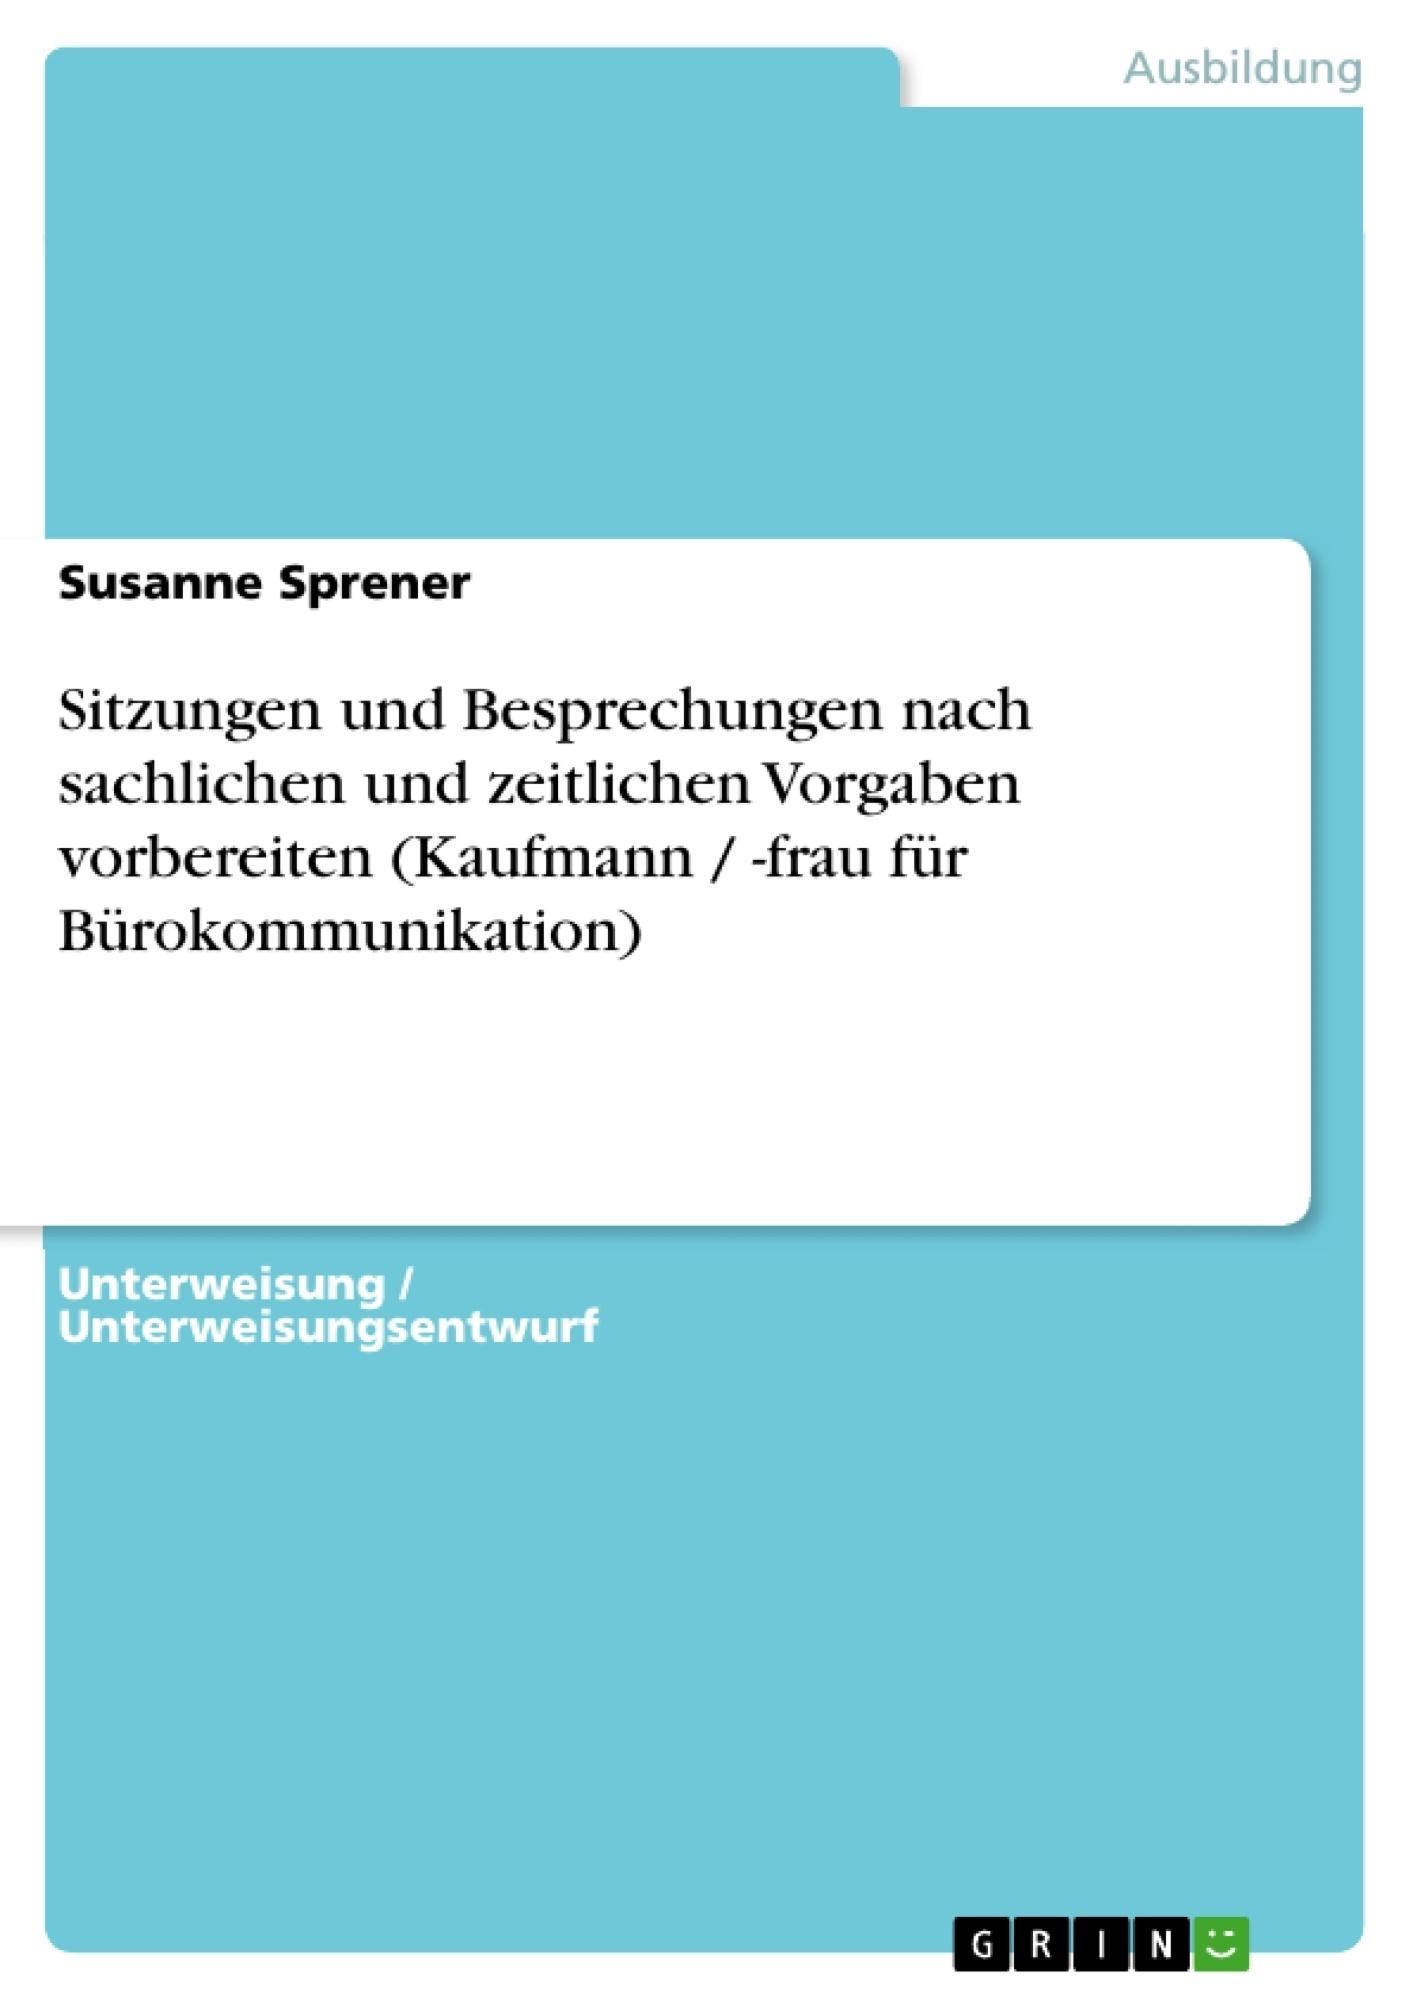 Titel: Sitzungen und Besprechungen nach sachlichen und zeitlichen Vorgaben vorbereiten (Kaufmann / -frau für Bürokommunikation)